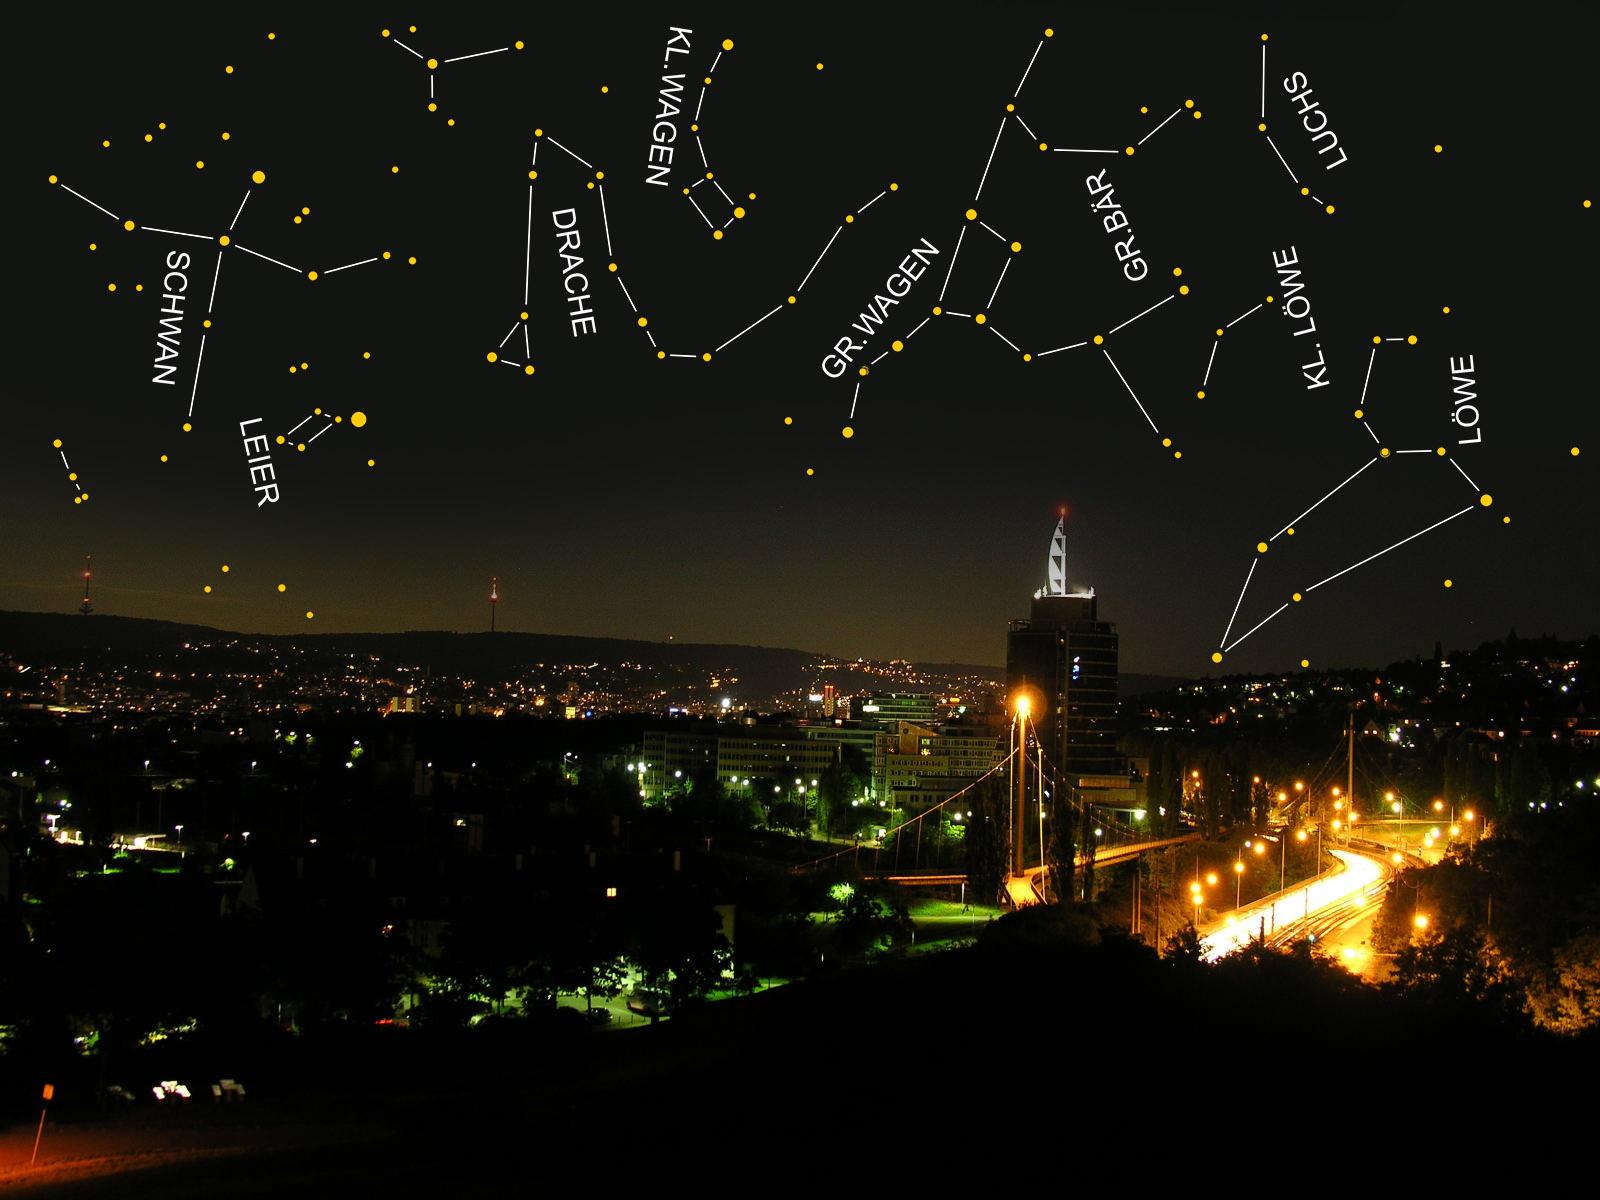 Möbelrestaurierung Stuttgart carl zeiss planetarium stuttgart